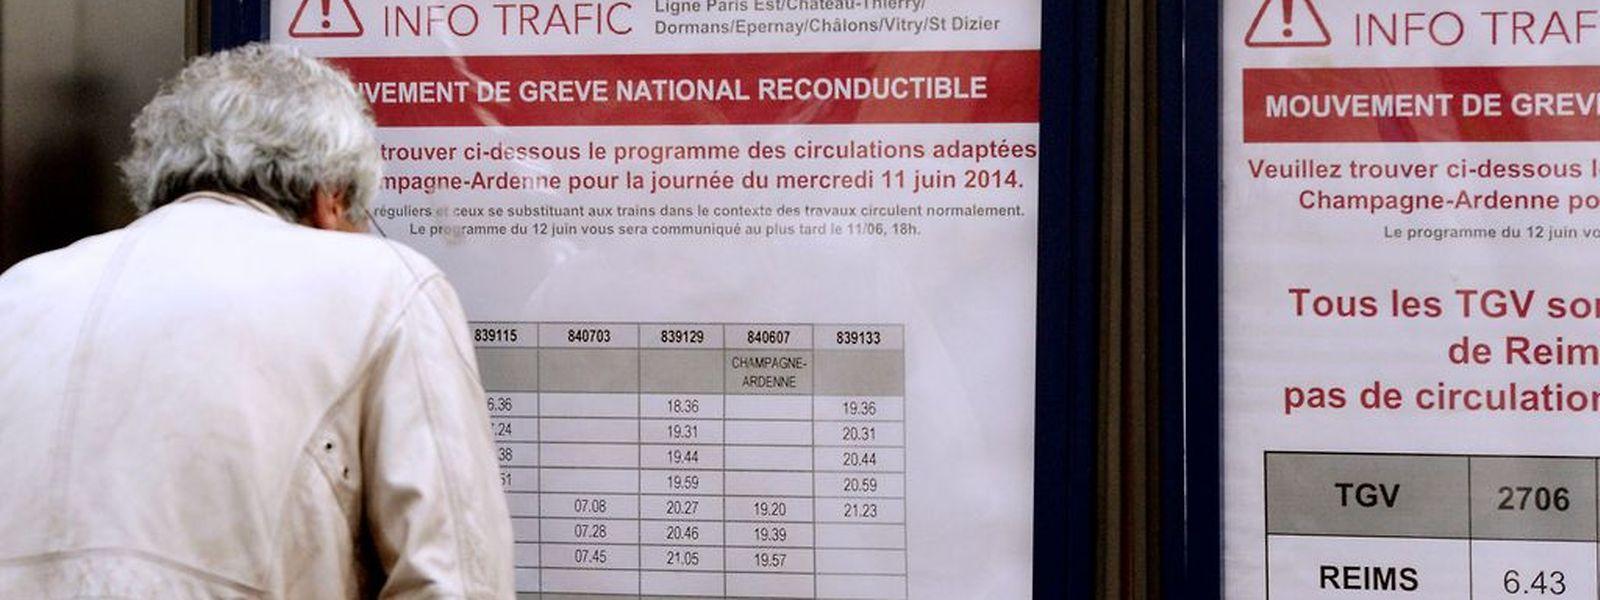 An der Pariser Gare de l'Est informiert sich ein Passagier über Verspätungen.